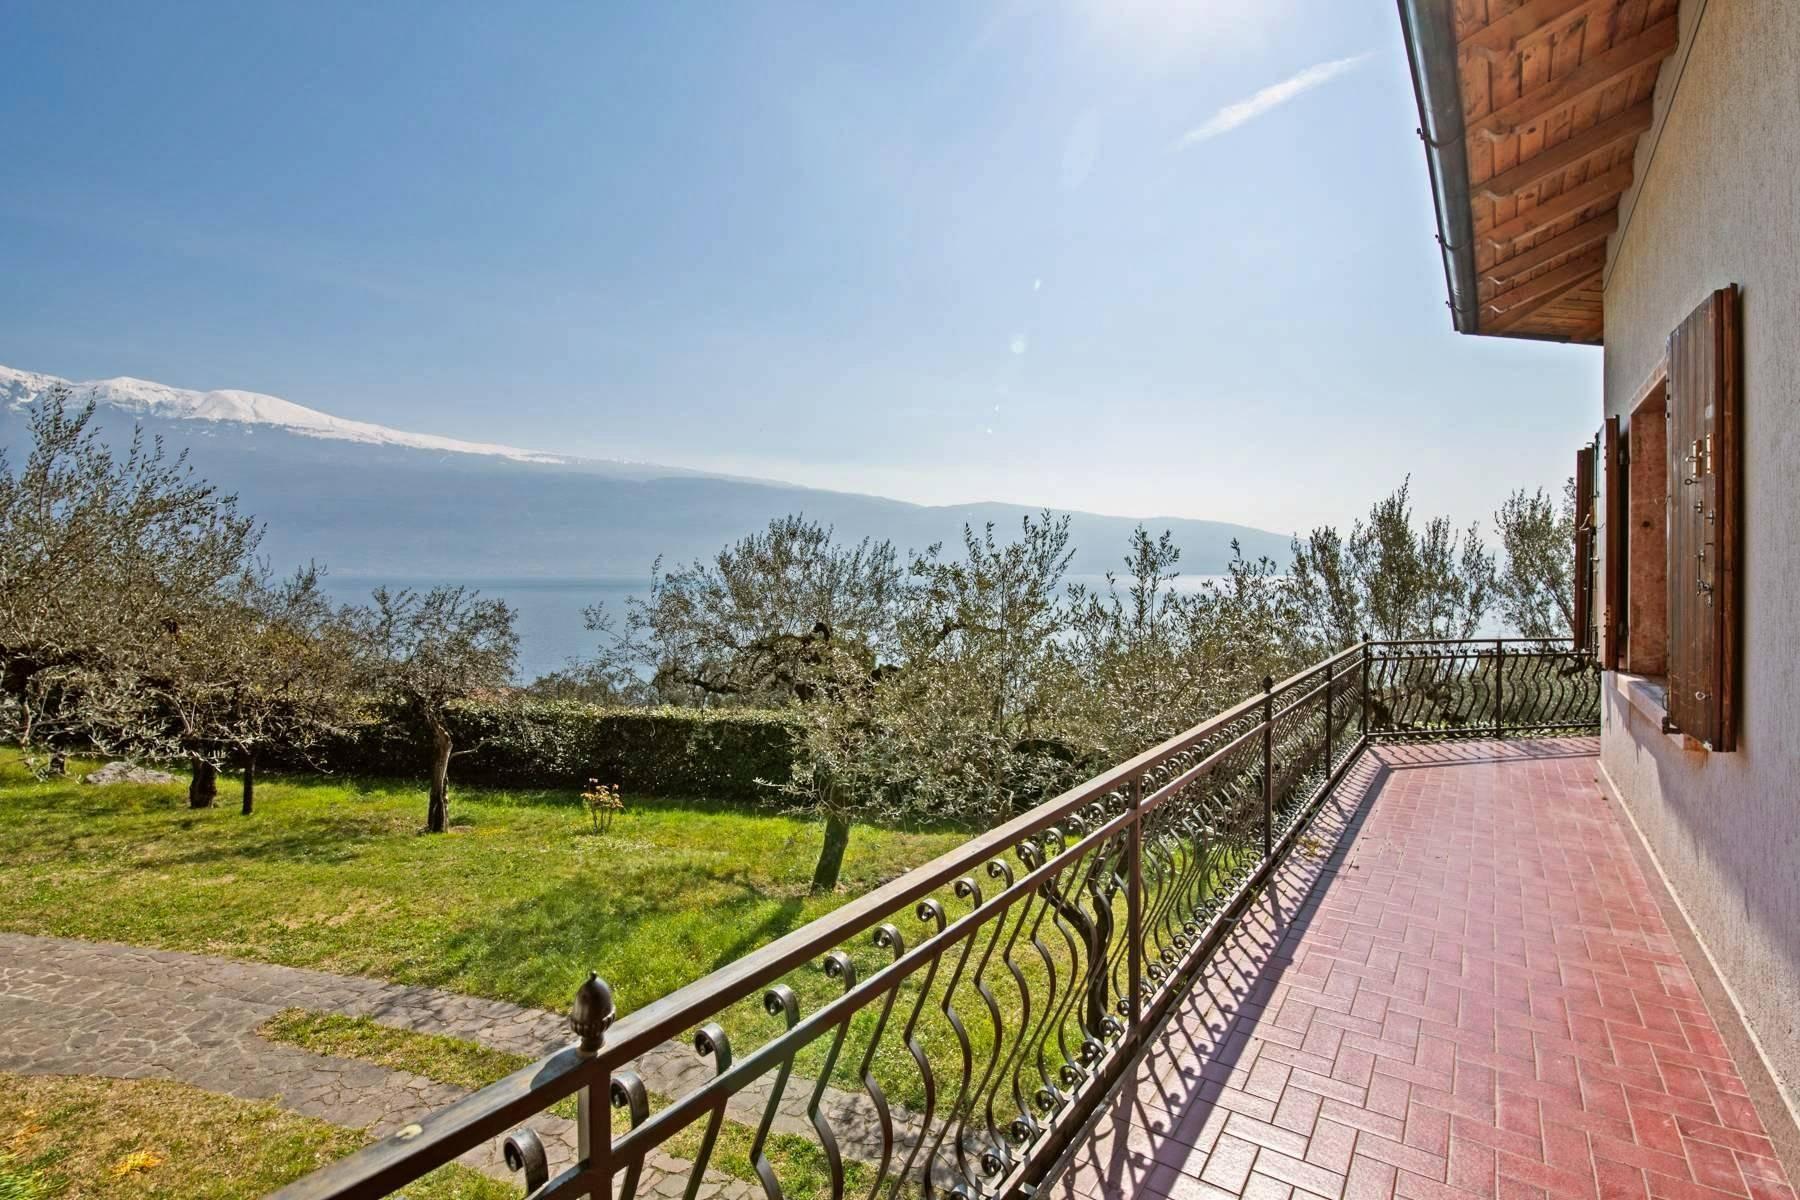 Villa in Gargnano inmitten der Olivenbäume vom Gardasee mit herrlichem Seeblick - 23